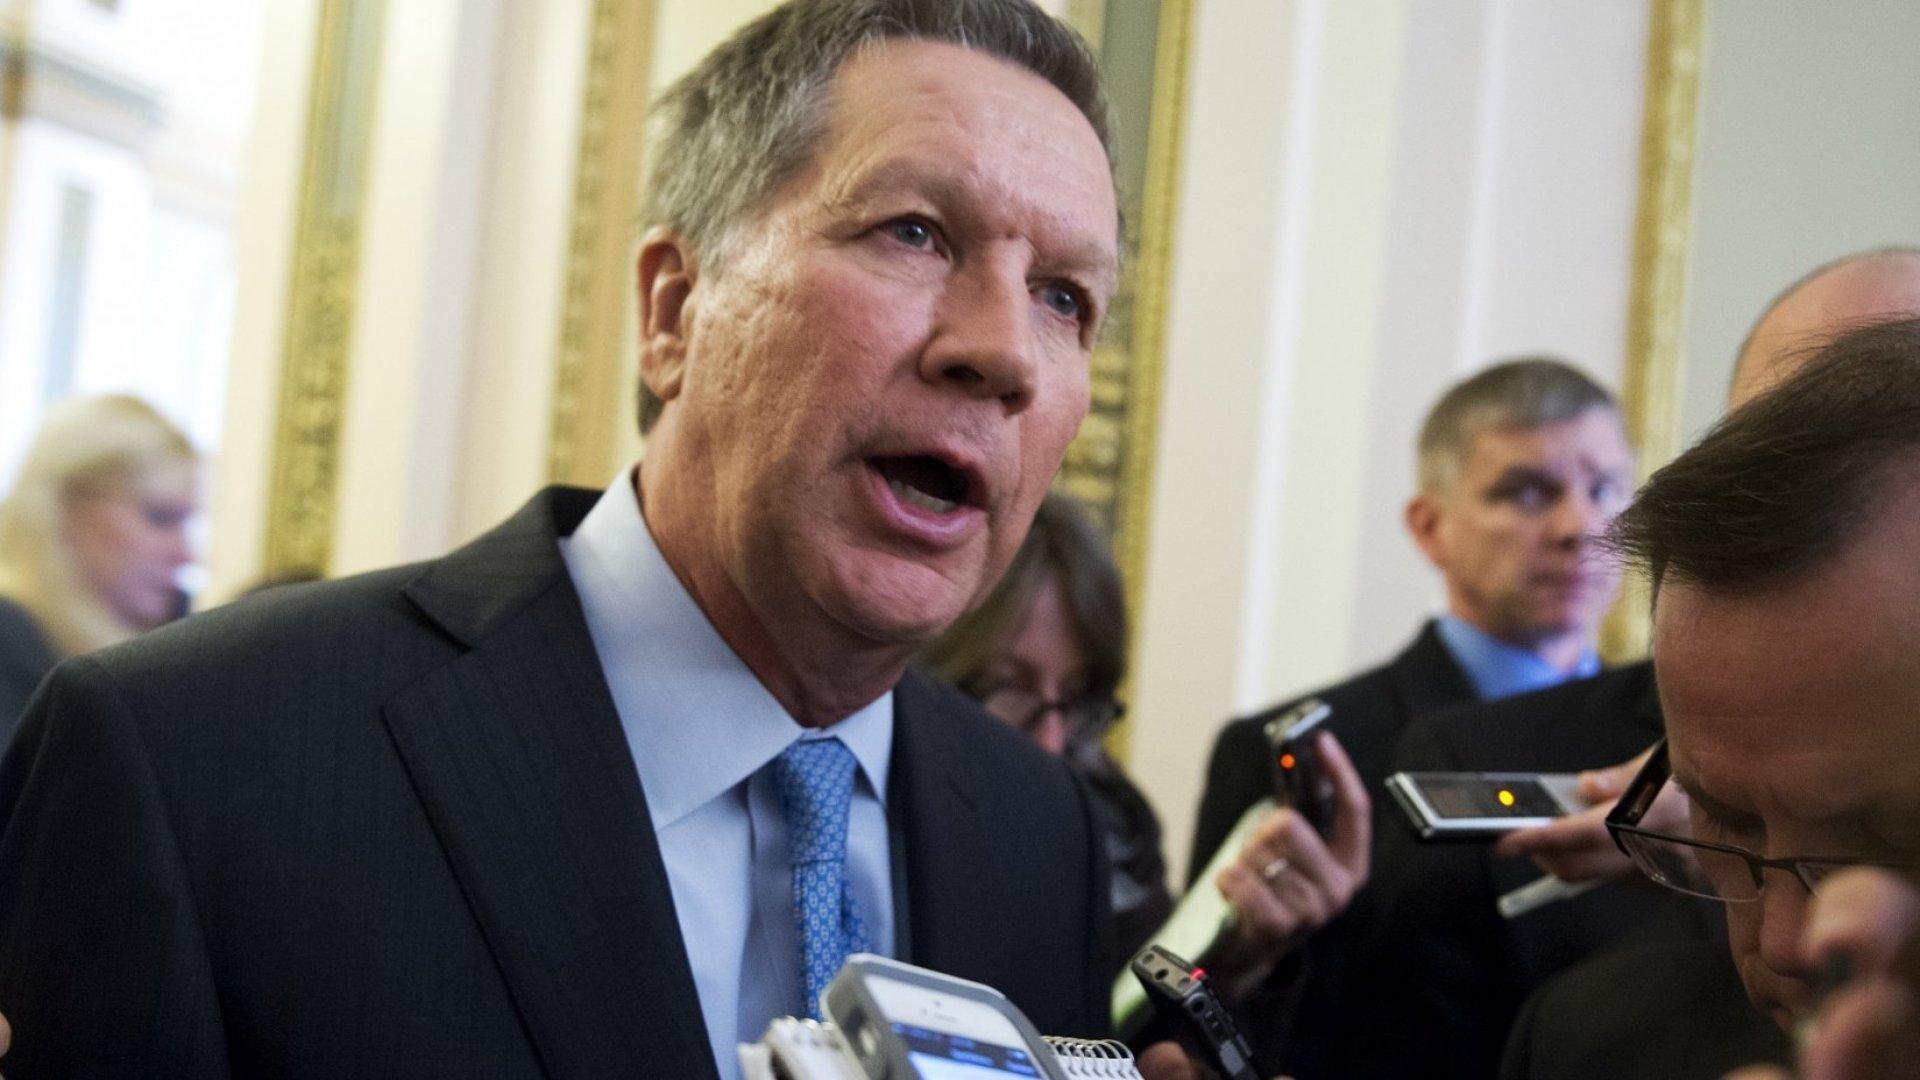 Ohio Governor John Kasich will run for president